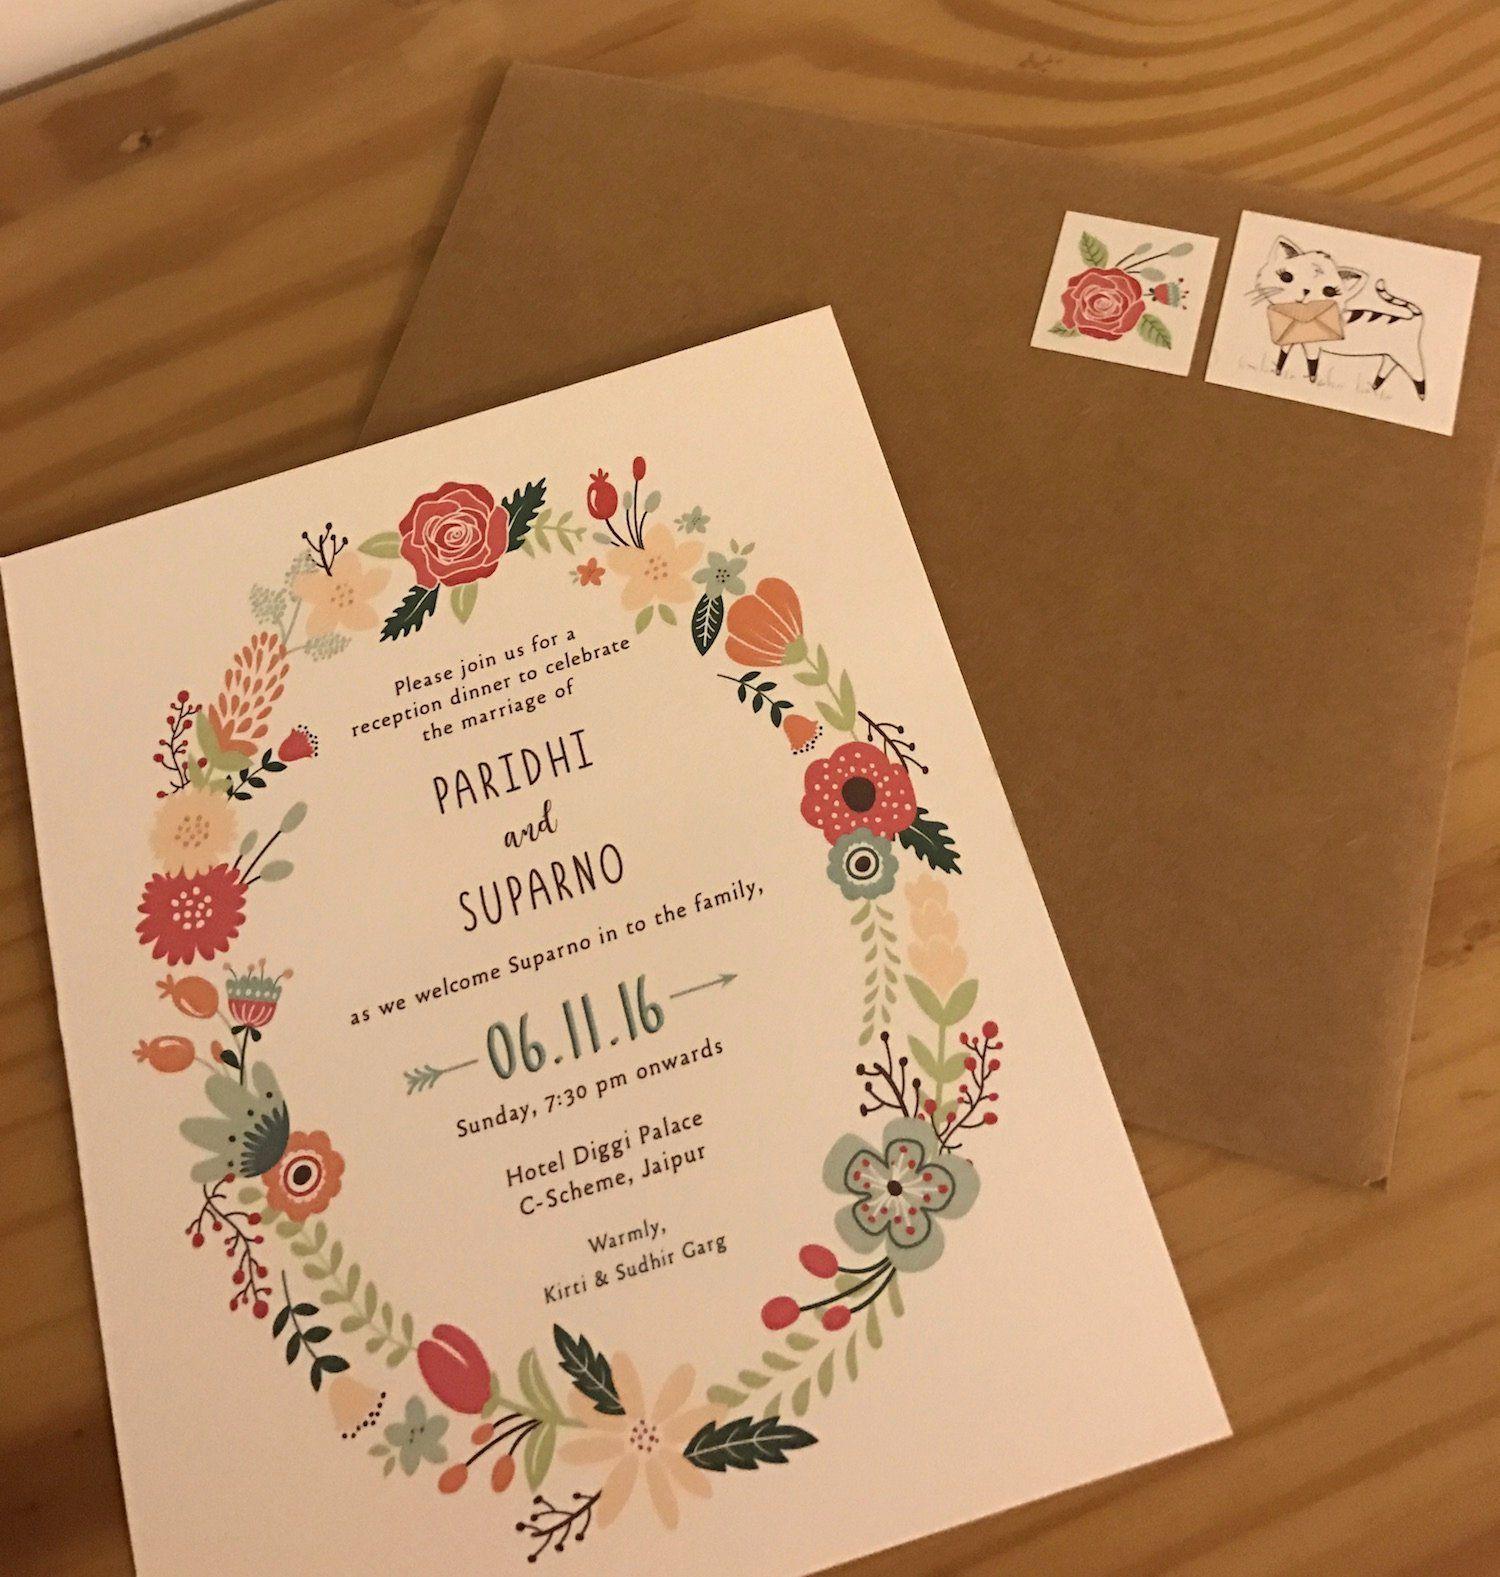 Unique Wedding Invitation Ideas Best Of 20 Unique & Creative Wedding Invit…  in 2020 | Indian wedding invitation cards, Funny wedding invitations,  Indian wedding invitations